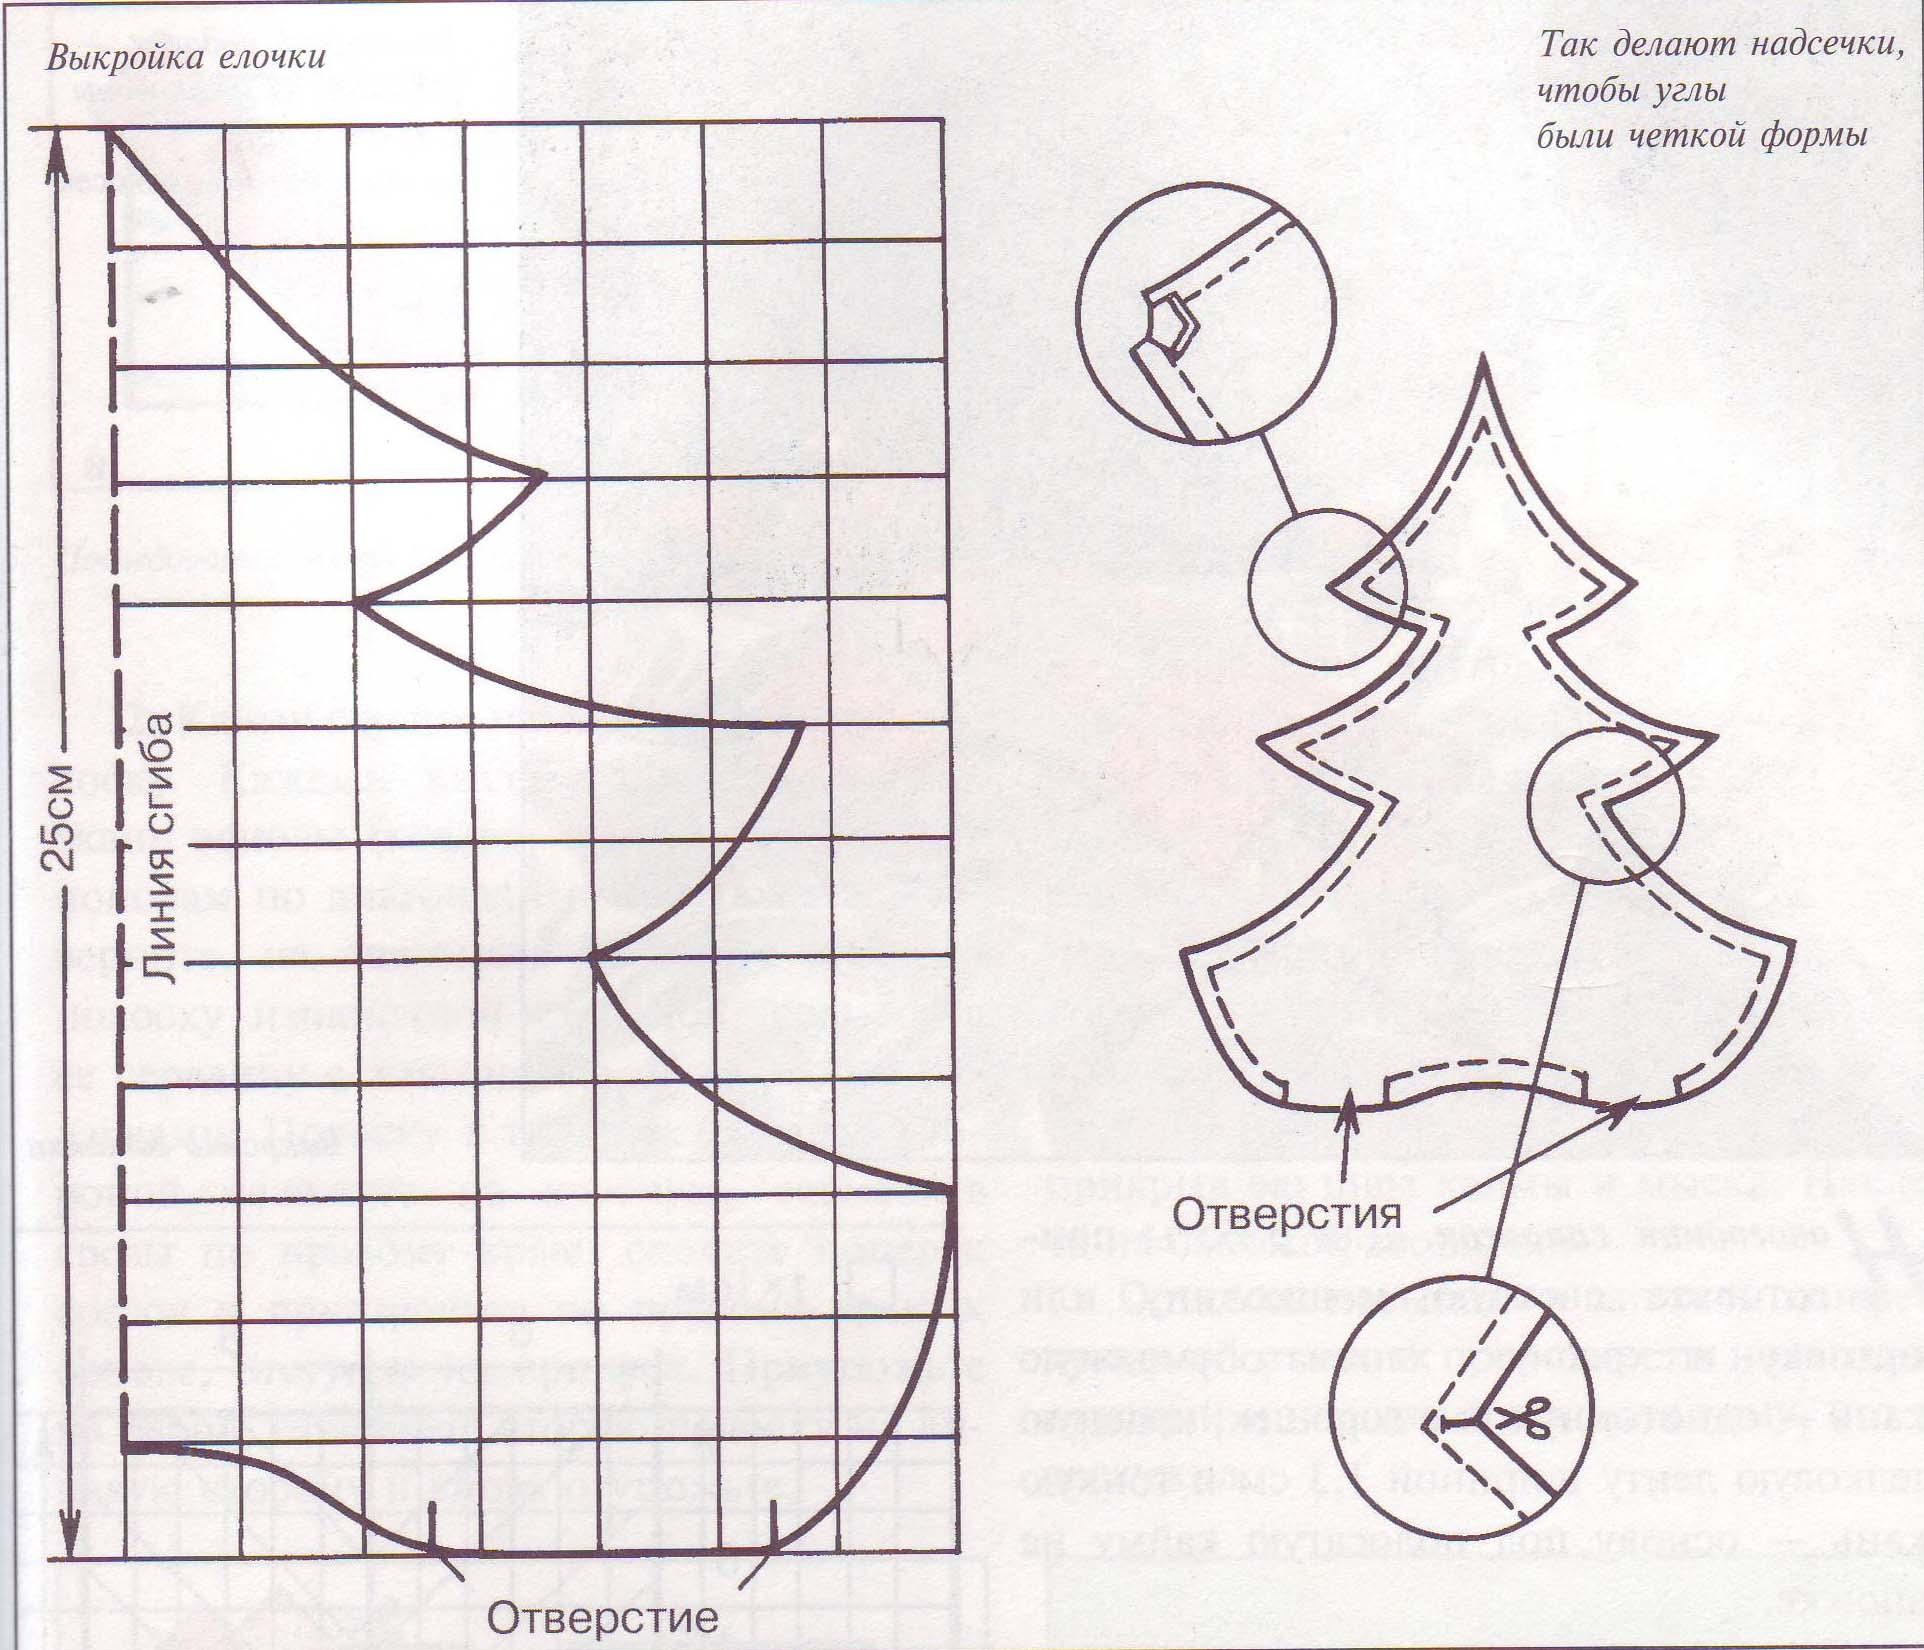 Игрушки из фетра своими руками: схемы, шаблоны и выкройки 41